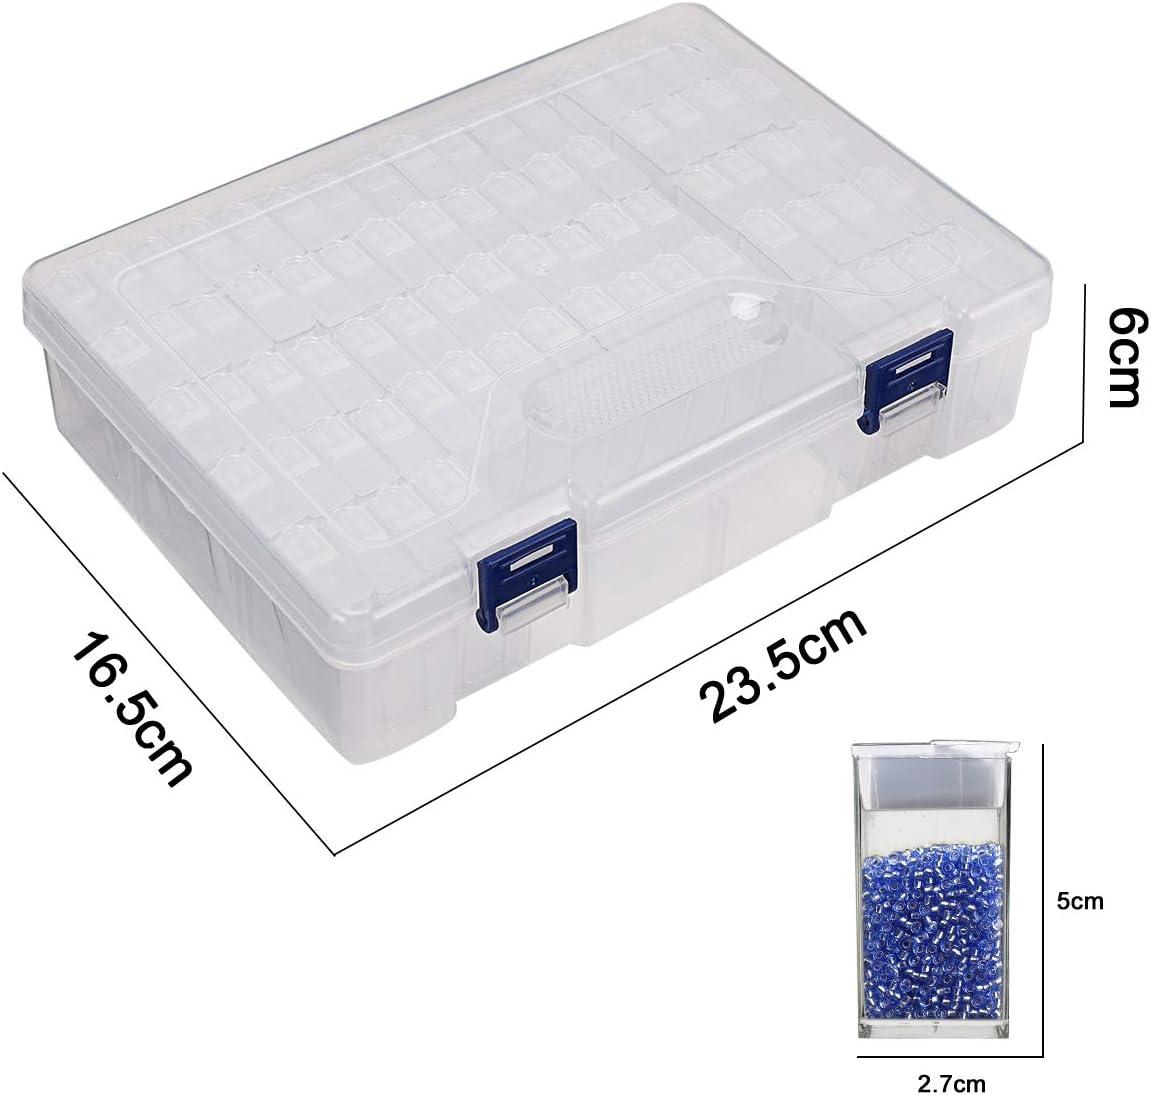 Diamond Painting Storage Containers,60 Slots Diamond Storage Box with Tools,Portable Bead Storage Container,Diamond Painting Accessories kit.